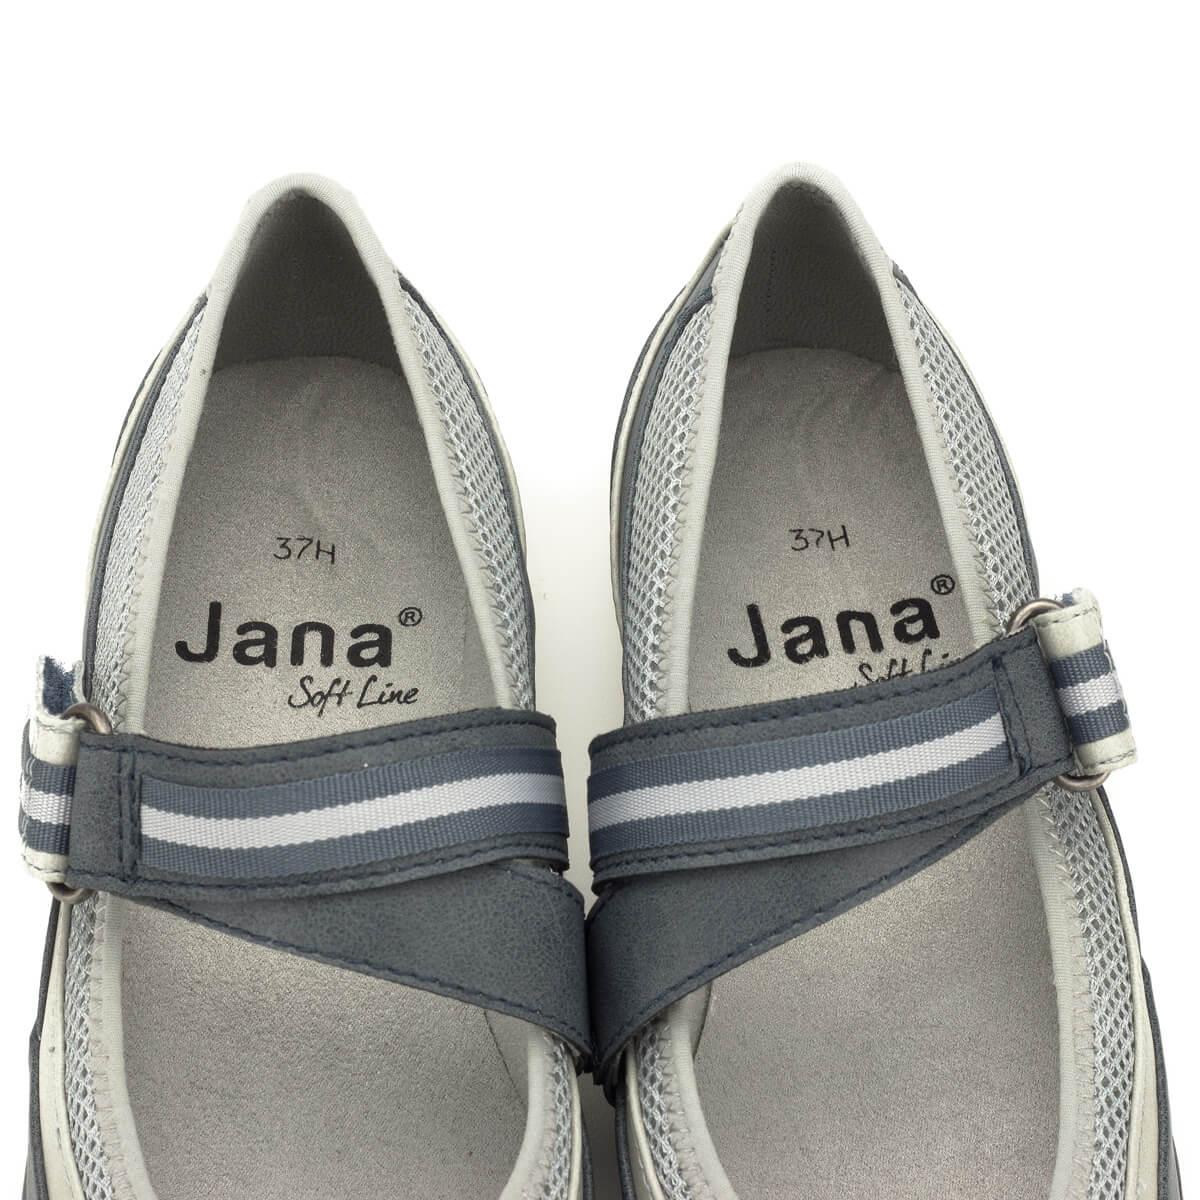 10adbc6c44 ... Pántos Jana cipő lapos talppal, H szélességben. Nagyon kényelmes, a  pánt bősége tépőzárral